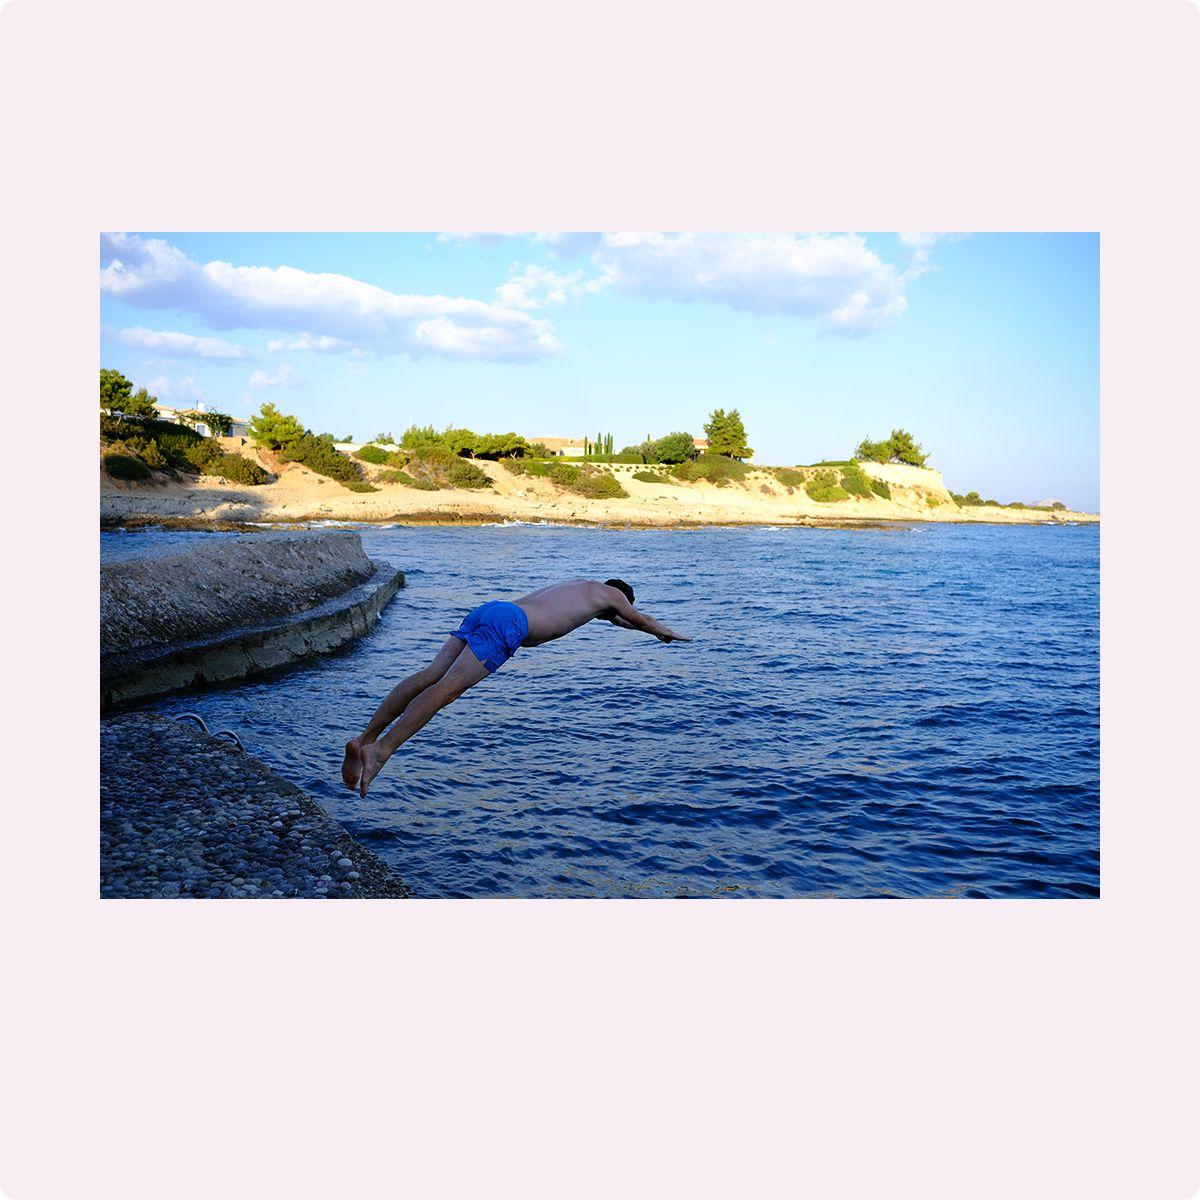 Fotografi av en person som stuper i havet fra en brygge